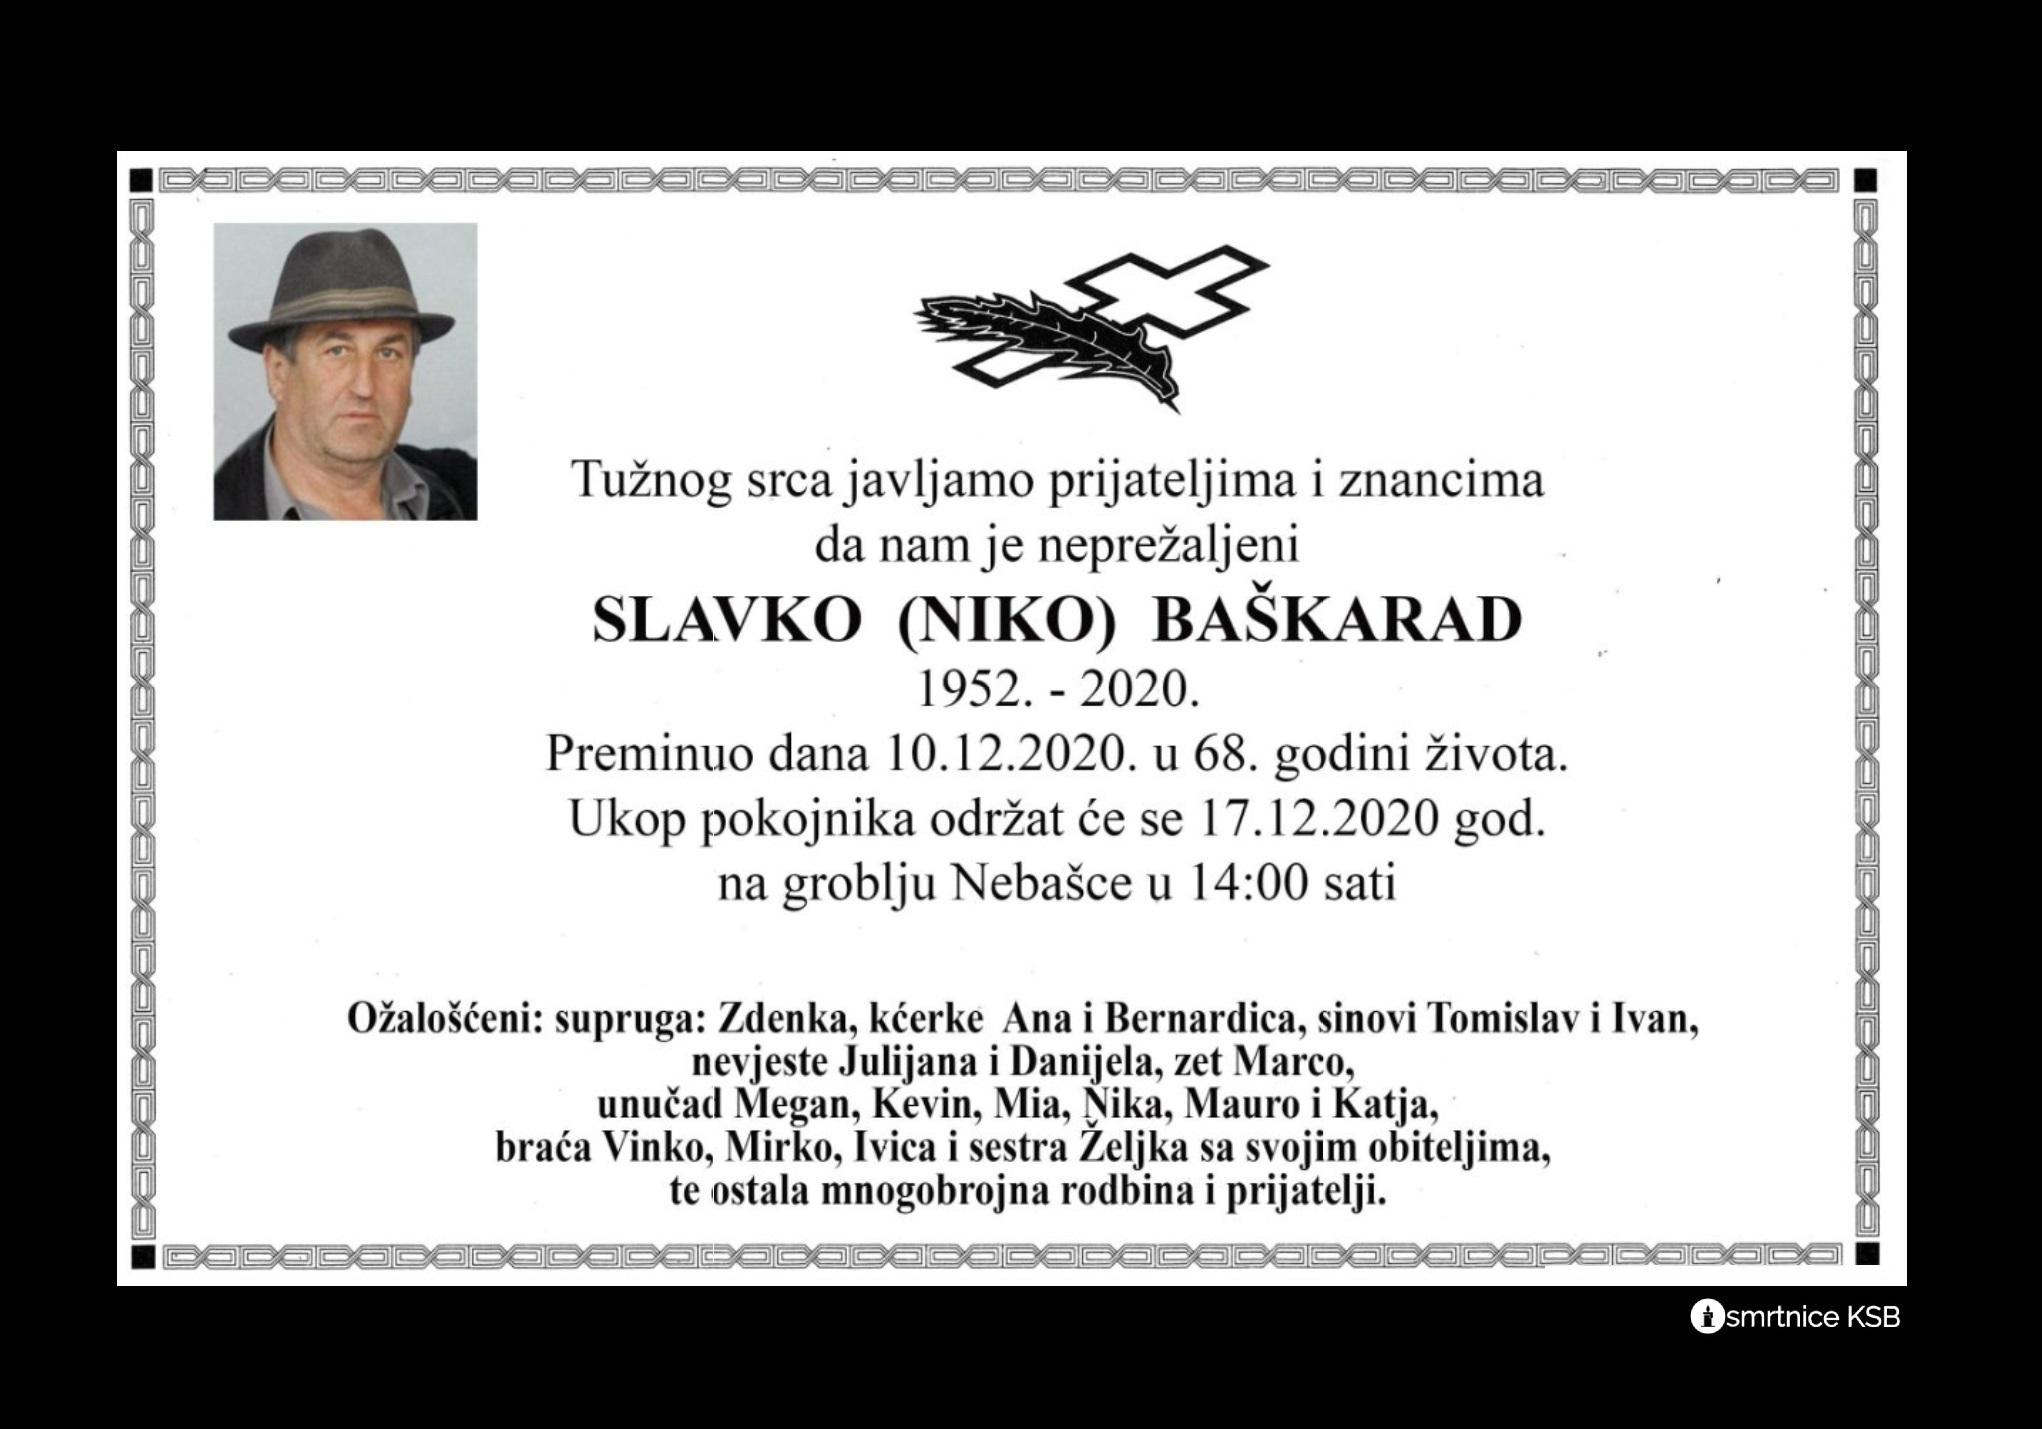 Slavko (Niko) Baškarad